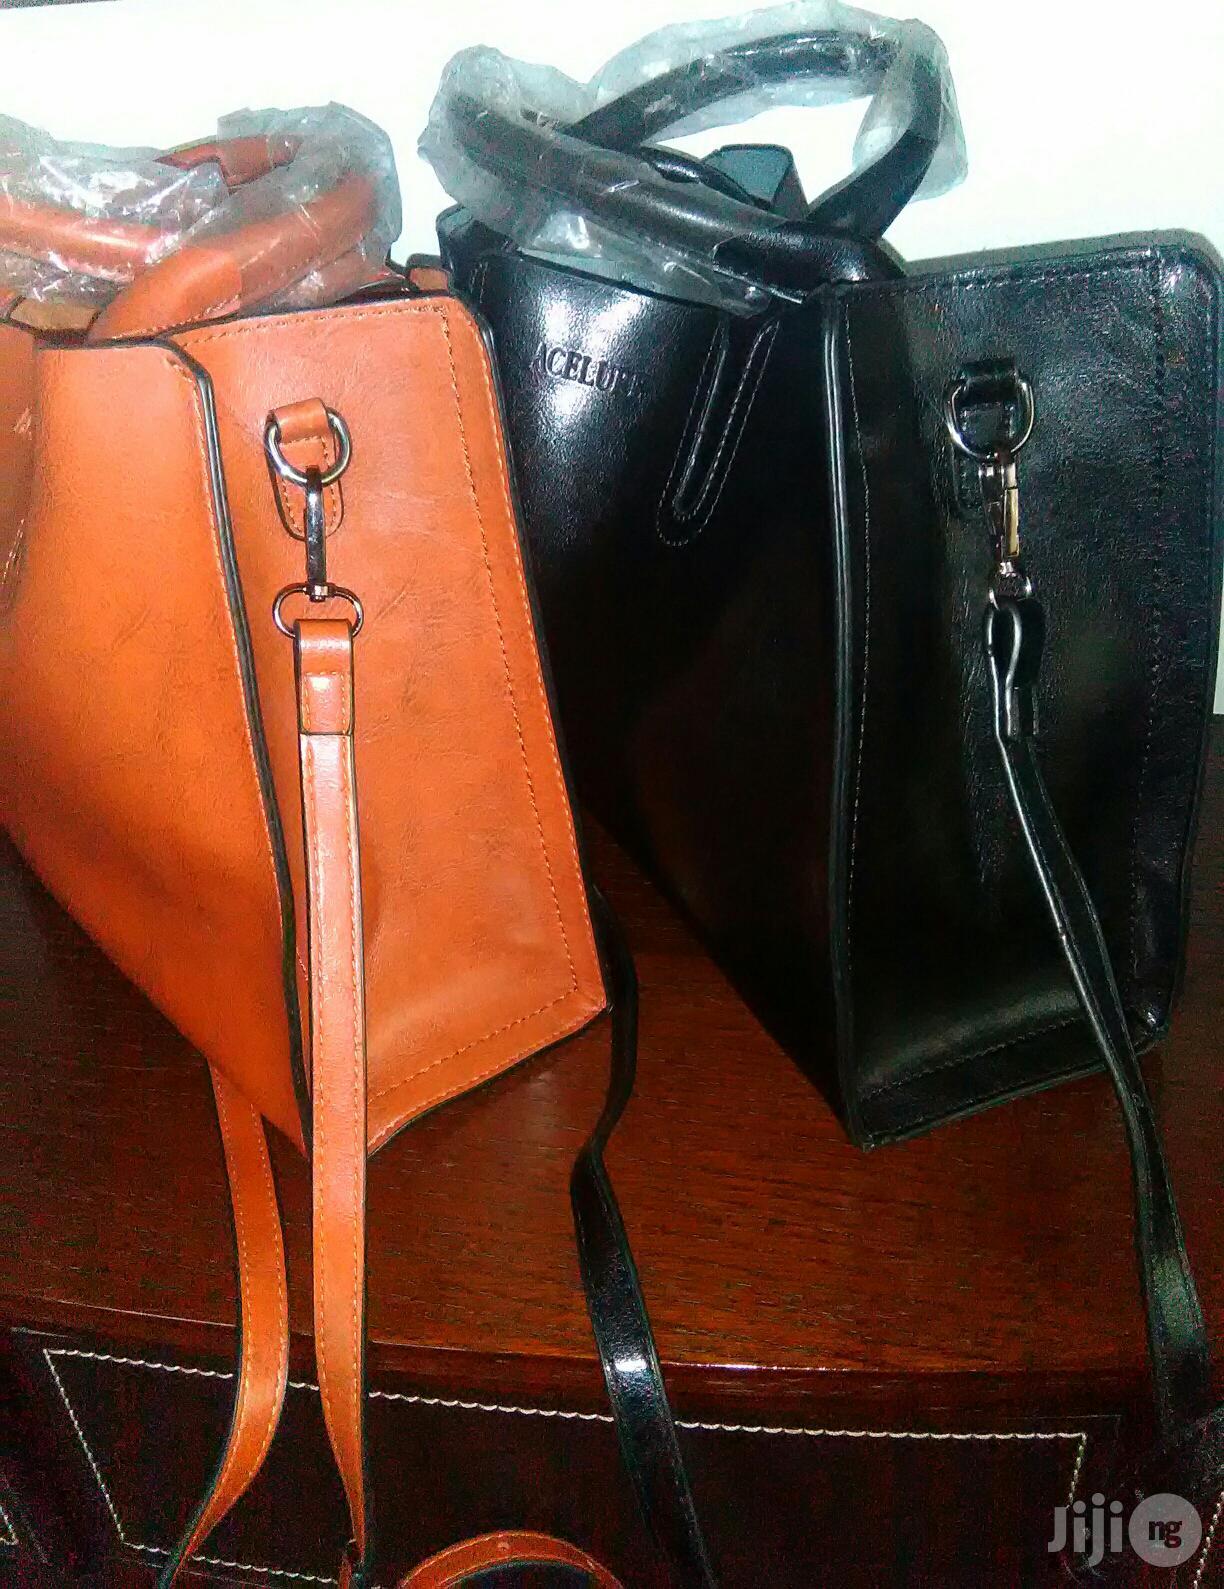 Acelure Designer Handbags for Ladies | Bags for sale in Surulere, Lagos State, Nigeria